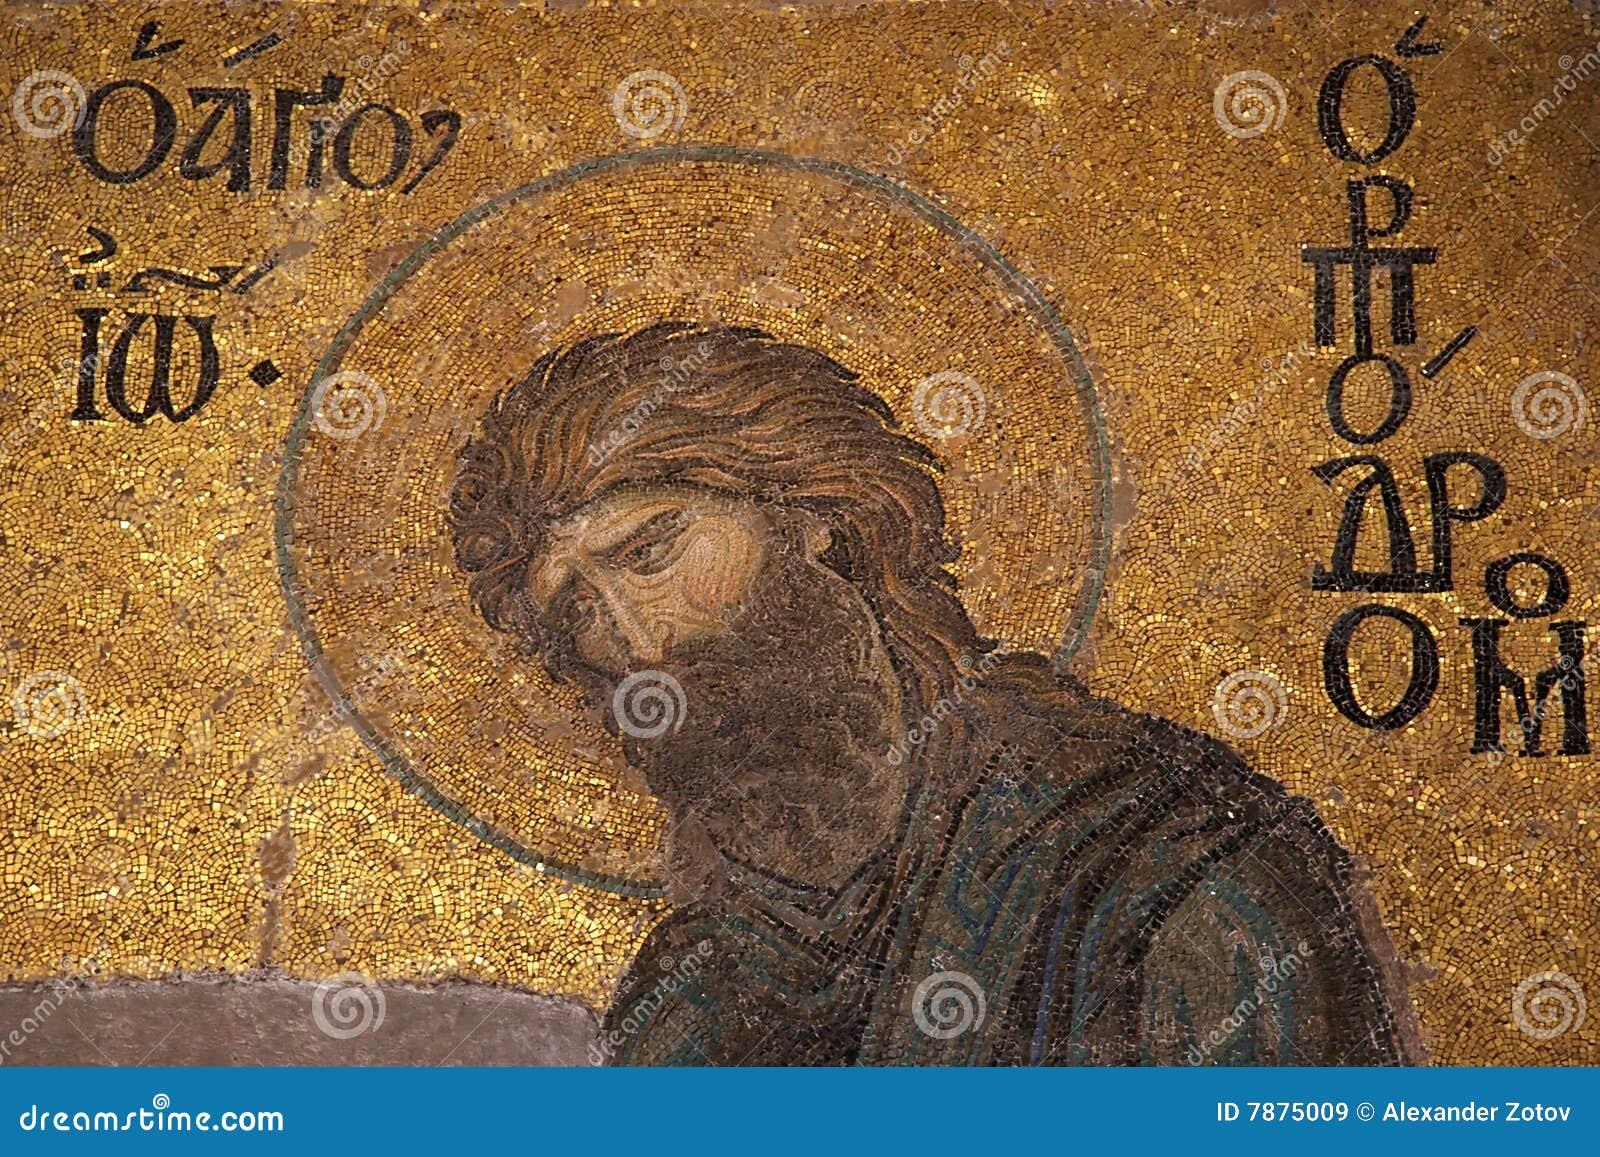 Byzantine mosaic at Hagia Sofia